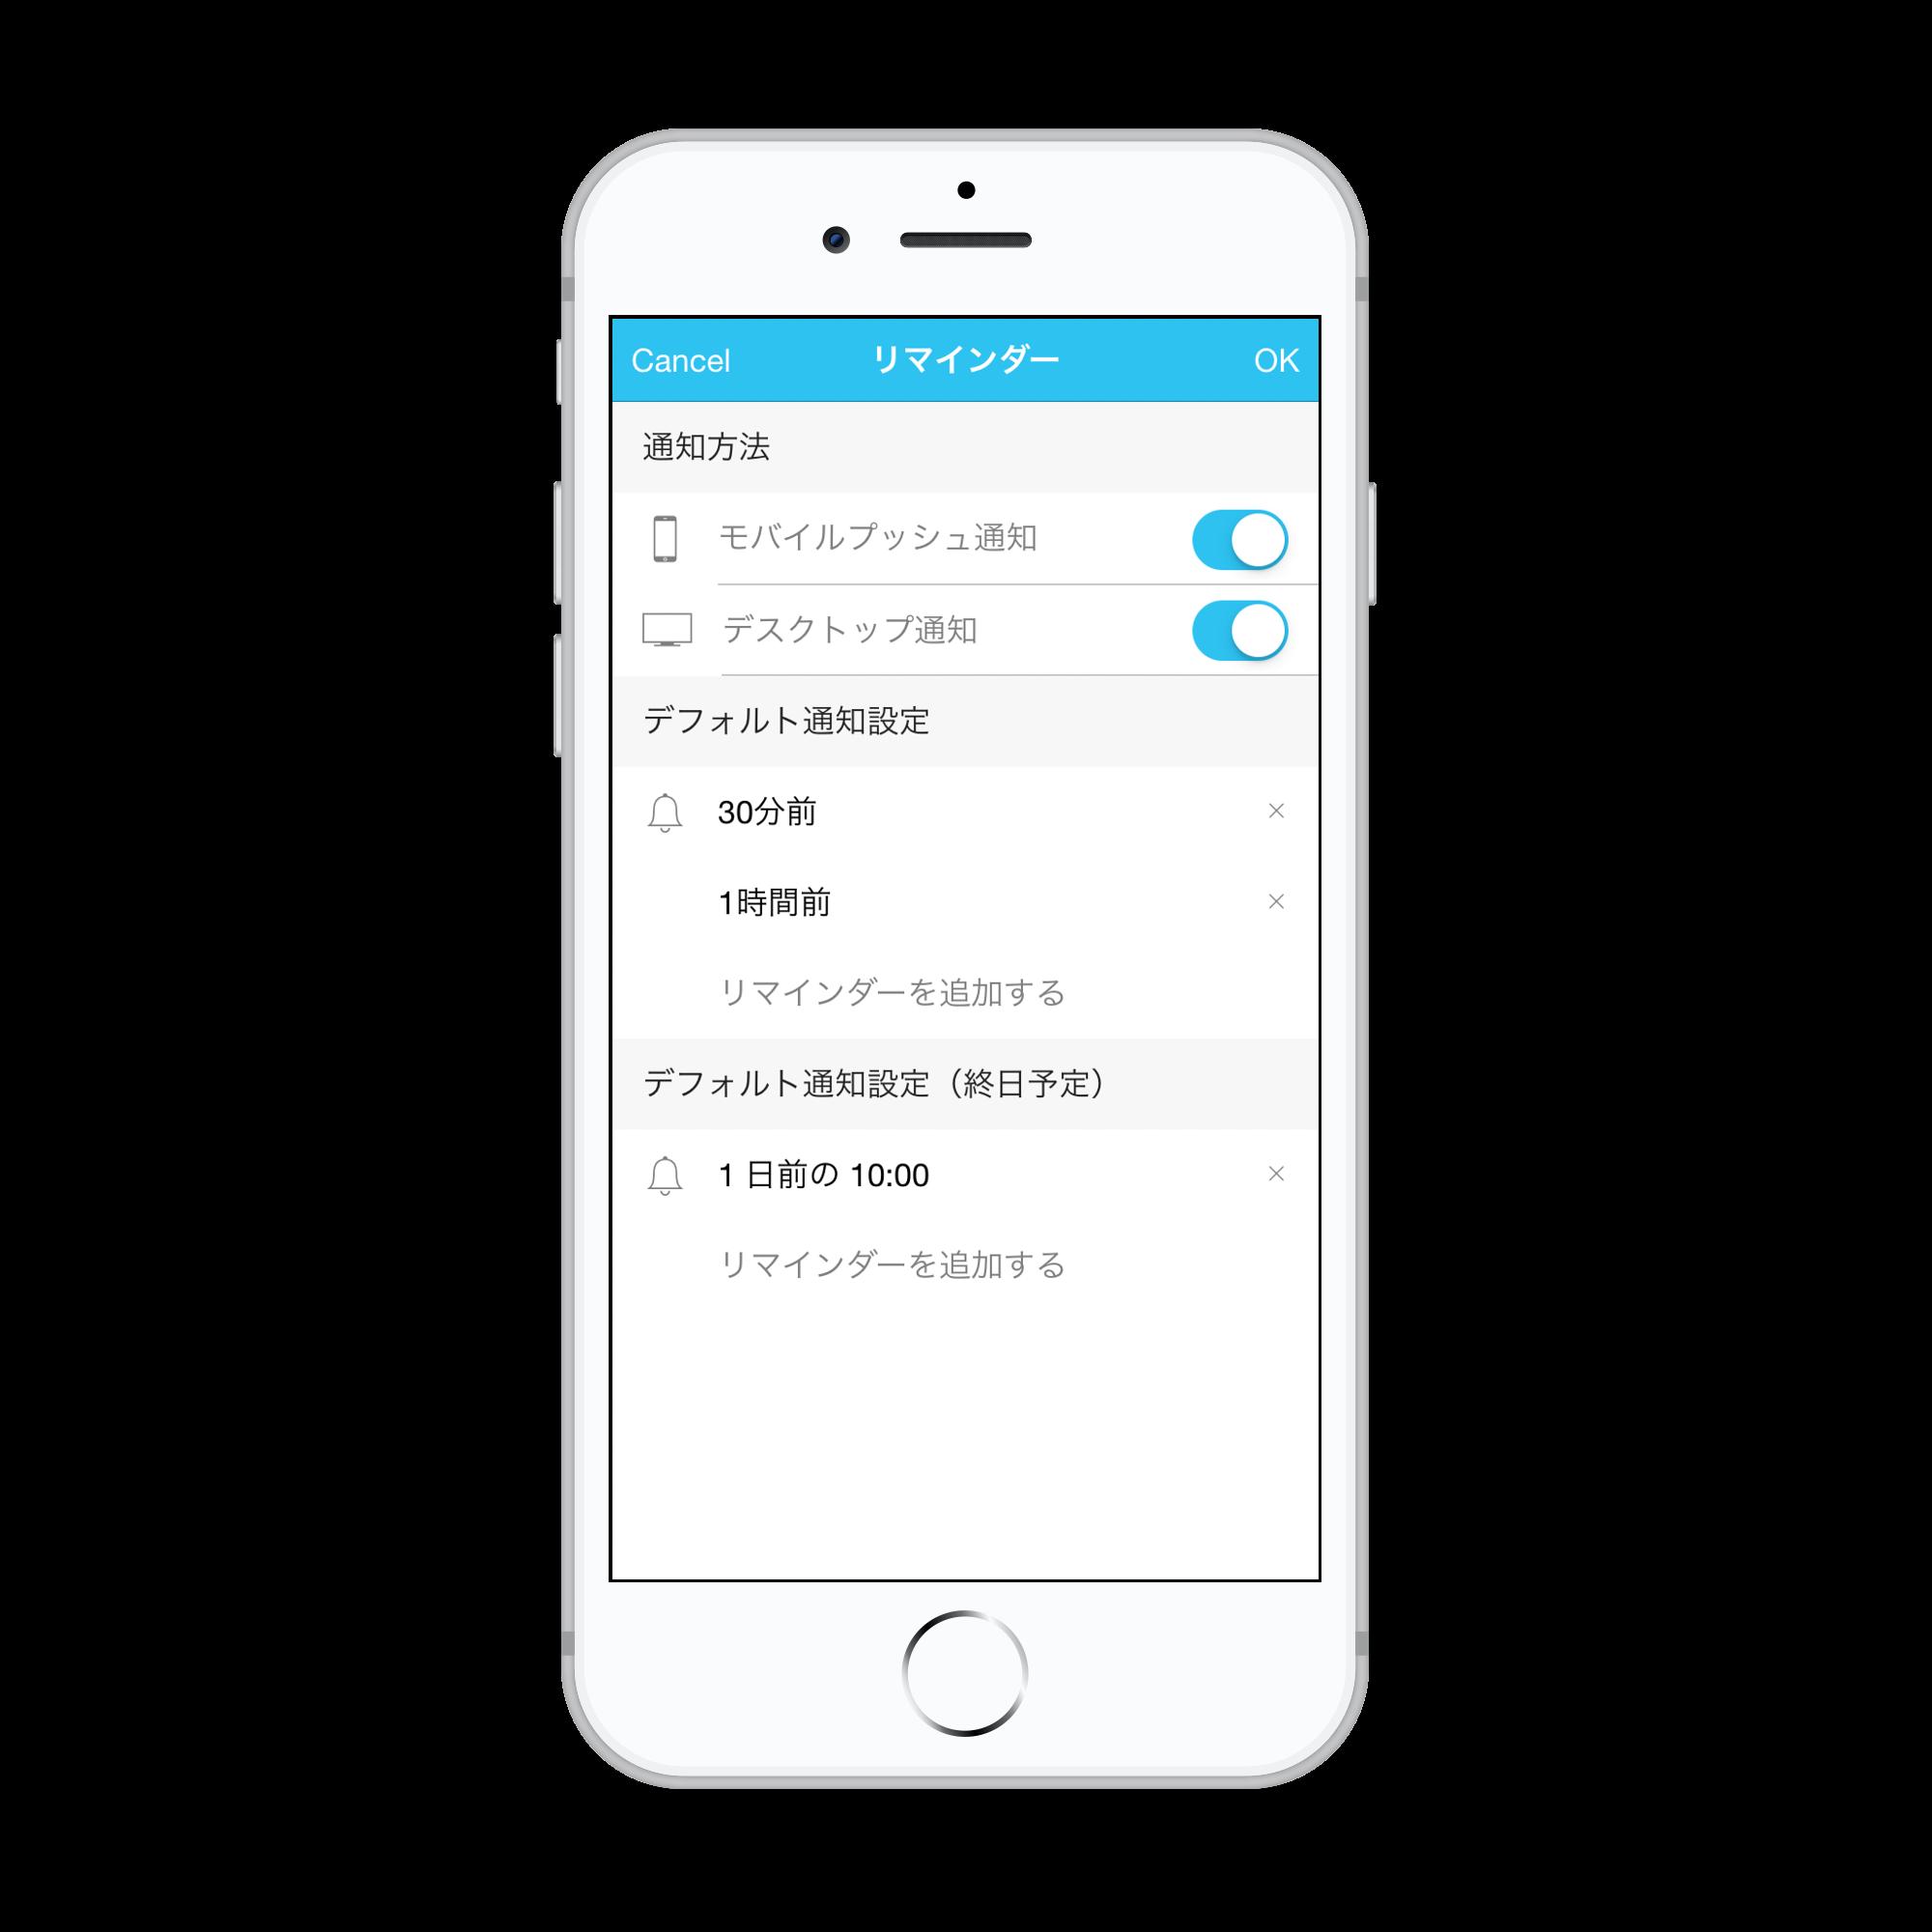 リマインダー設定画面(モバイル版)